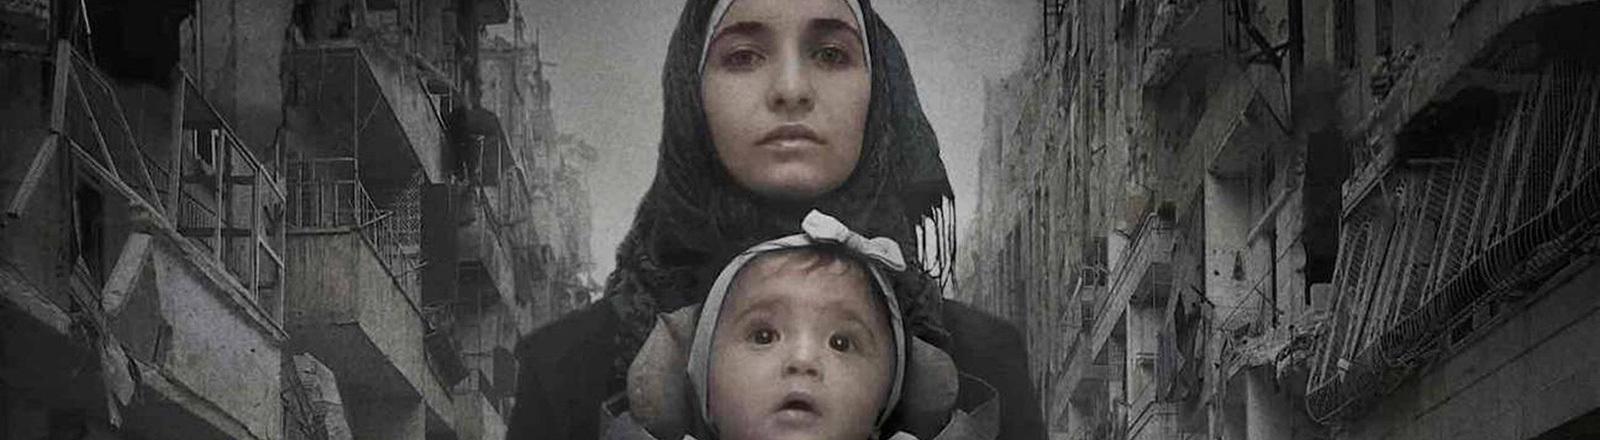 Frau mit Baby in einem Kriegsgebiet